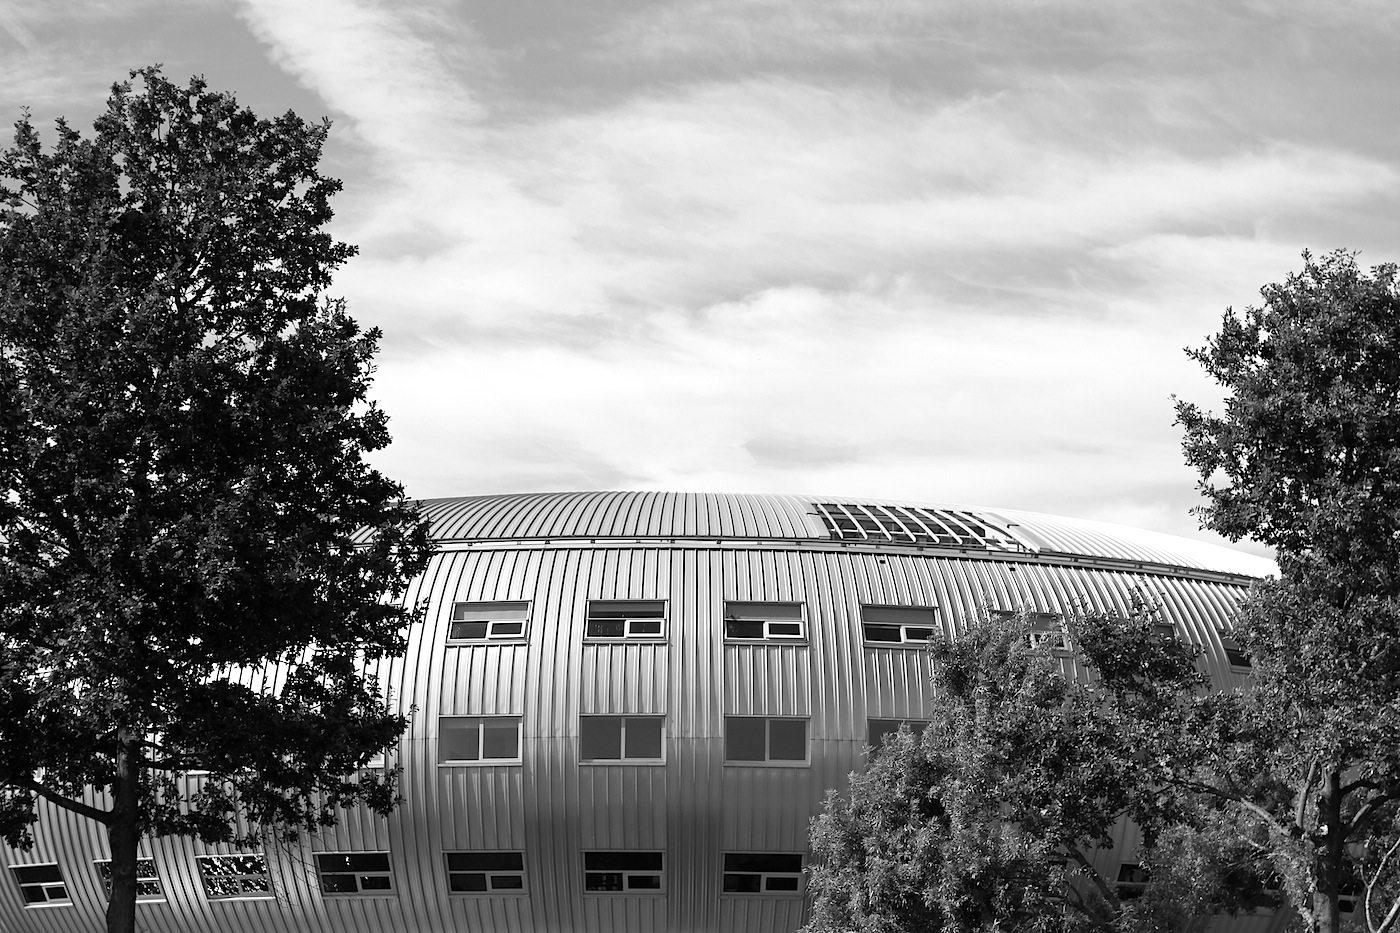 Modecentrum / Brandboxx.  Stichwort Box: unweit der Spaceboxen steht das von KOW geplante Modezentrum mit drei Gebäudeteilen. Im Bild: die sogenannte Fliegende Untertasse. Fertigstellung des Ensembles: 2003